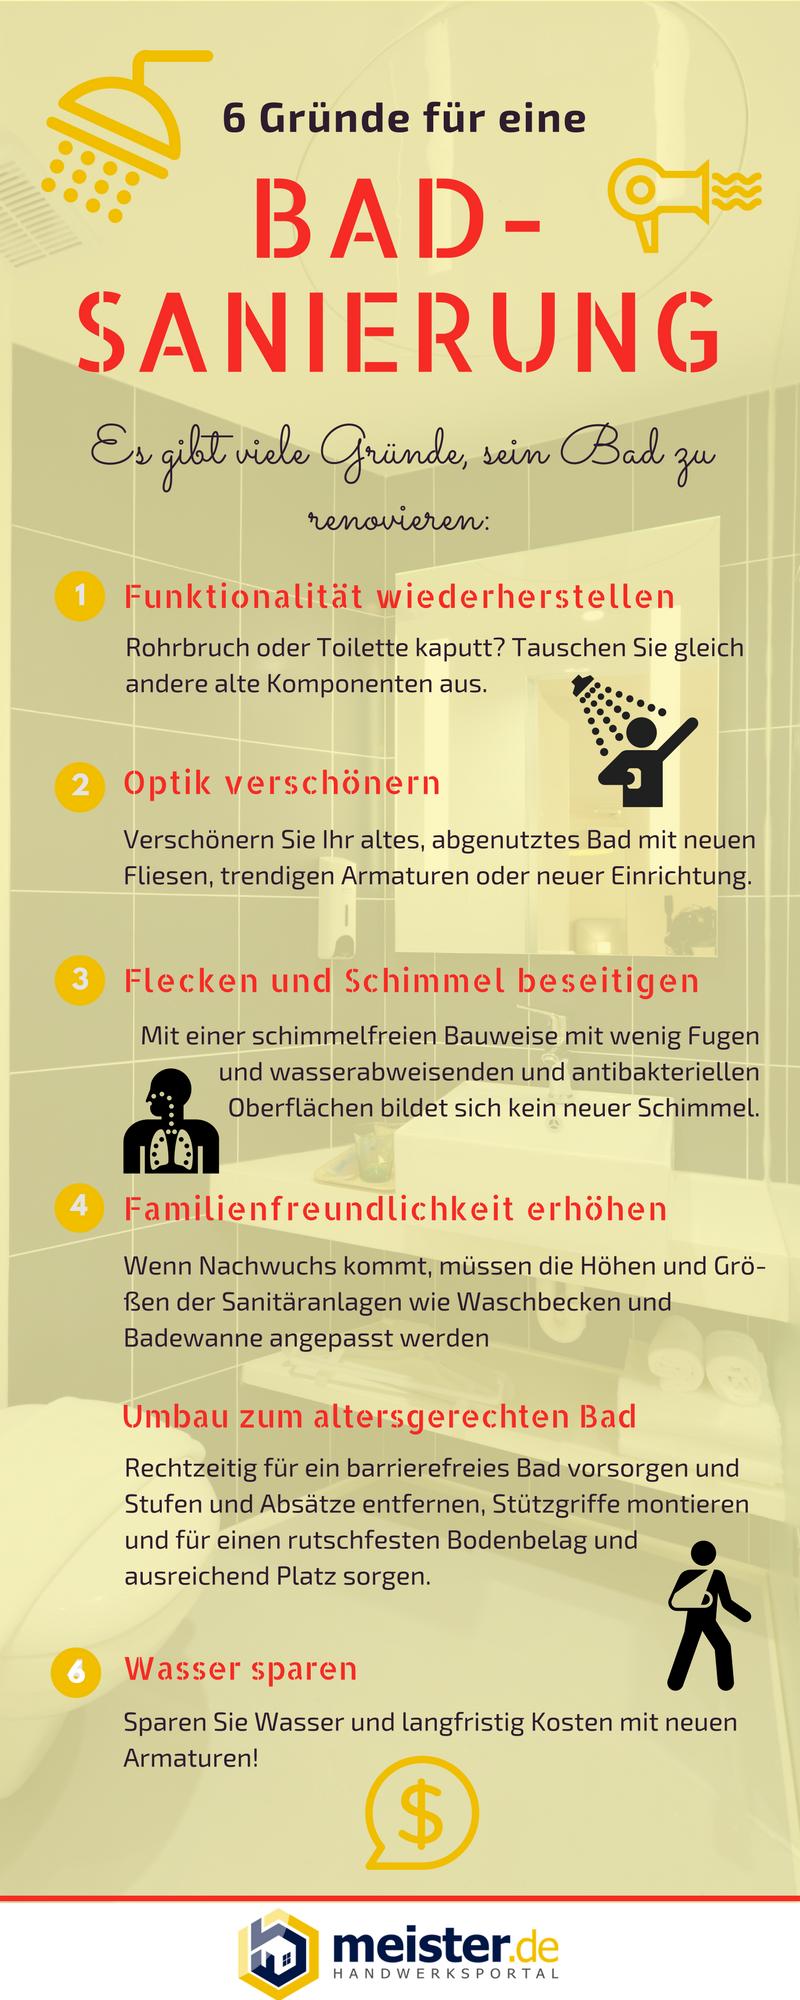 https://www.meister.de/blog/6-gruende-fuer-eine-badsanierung/